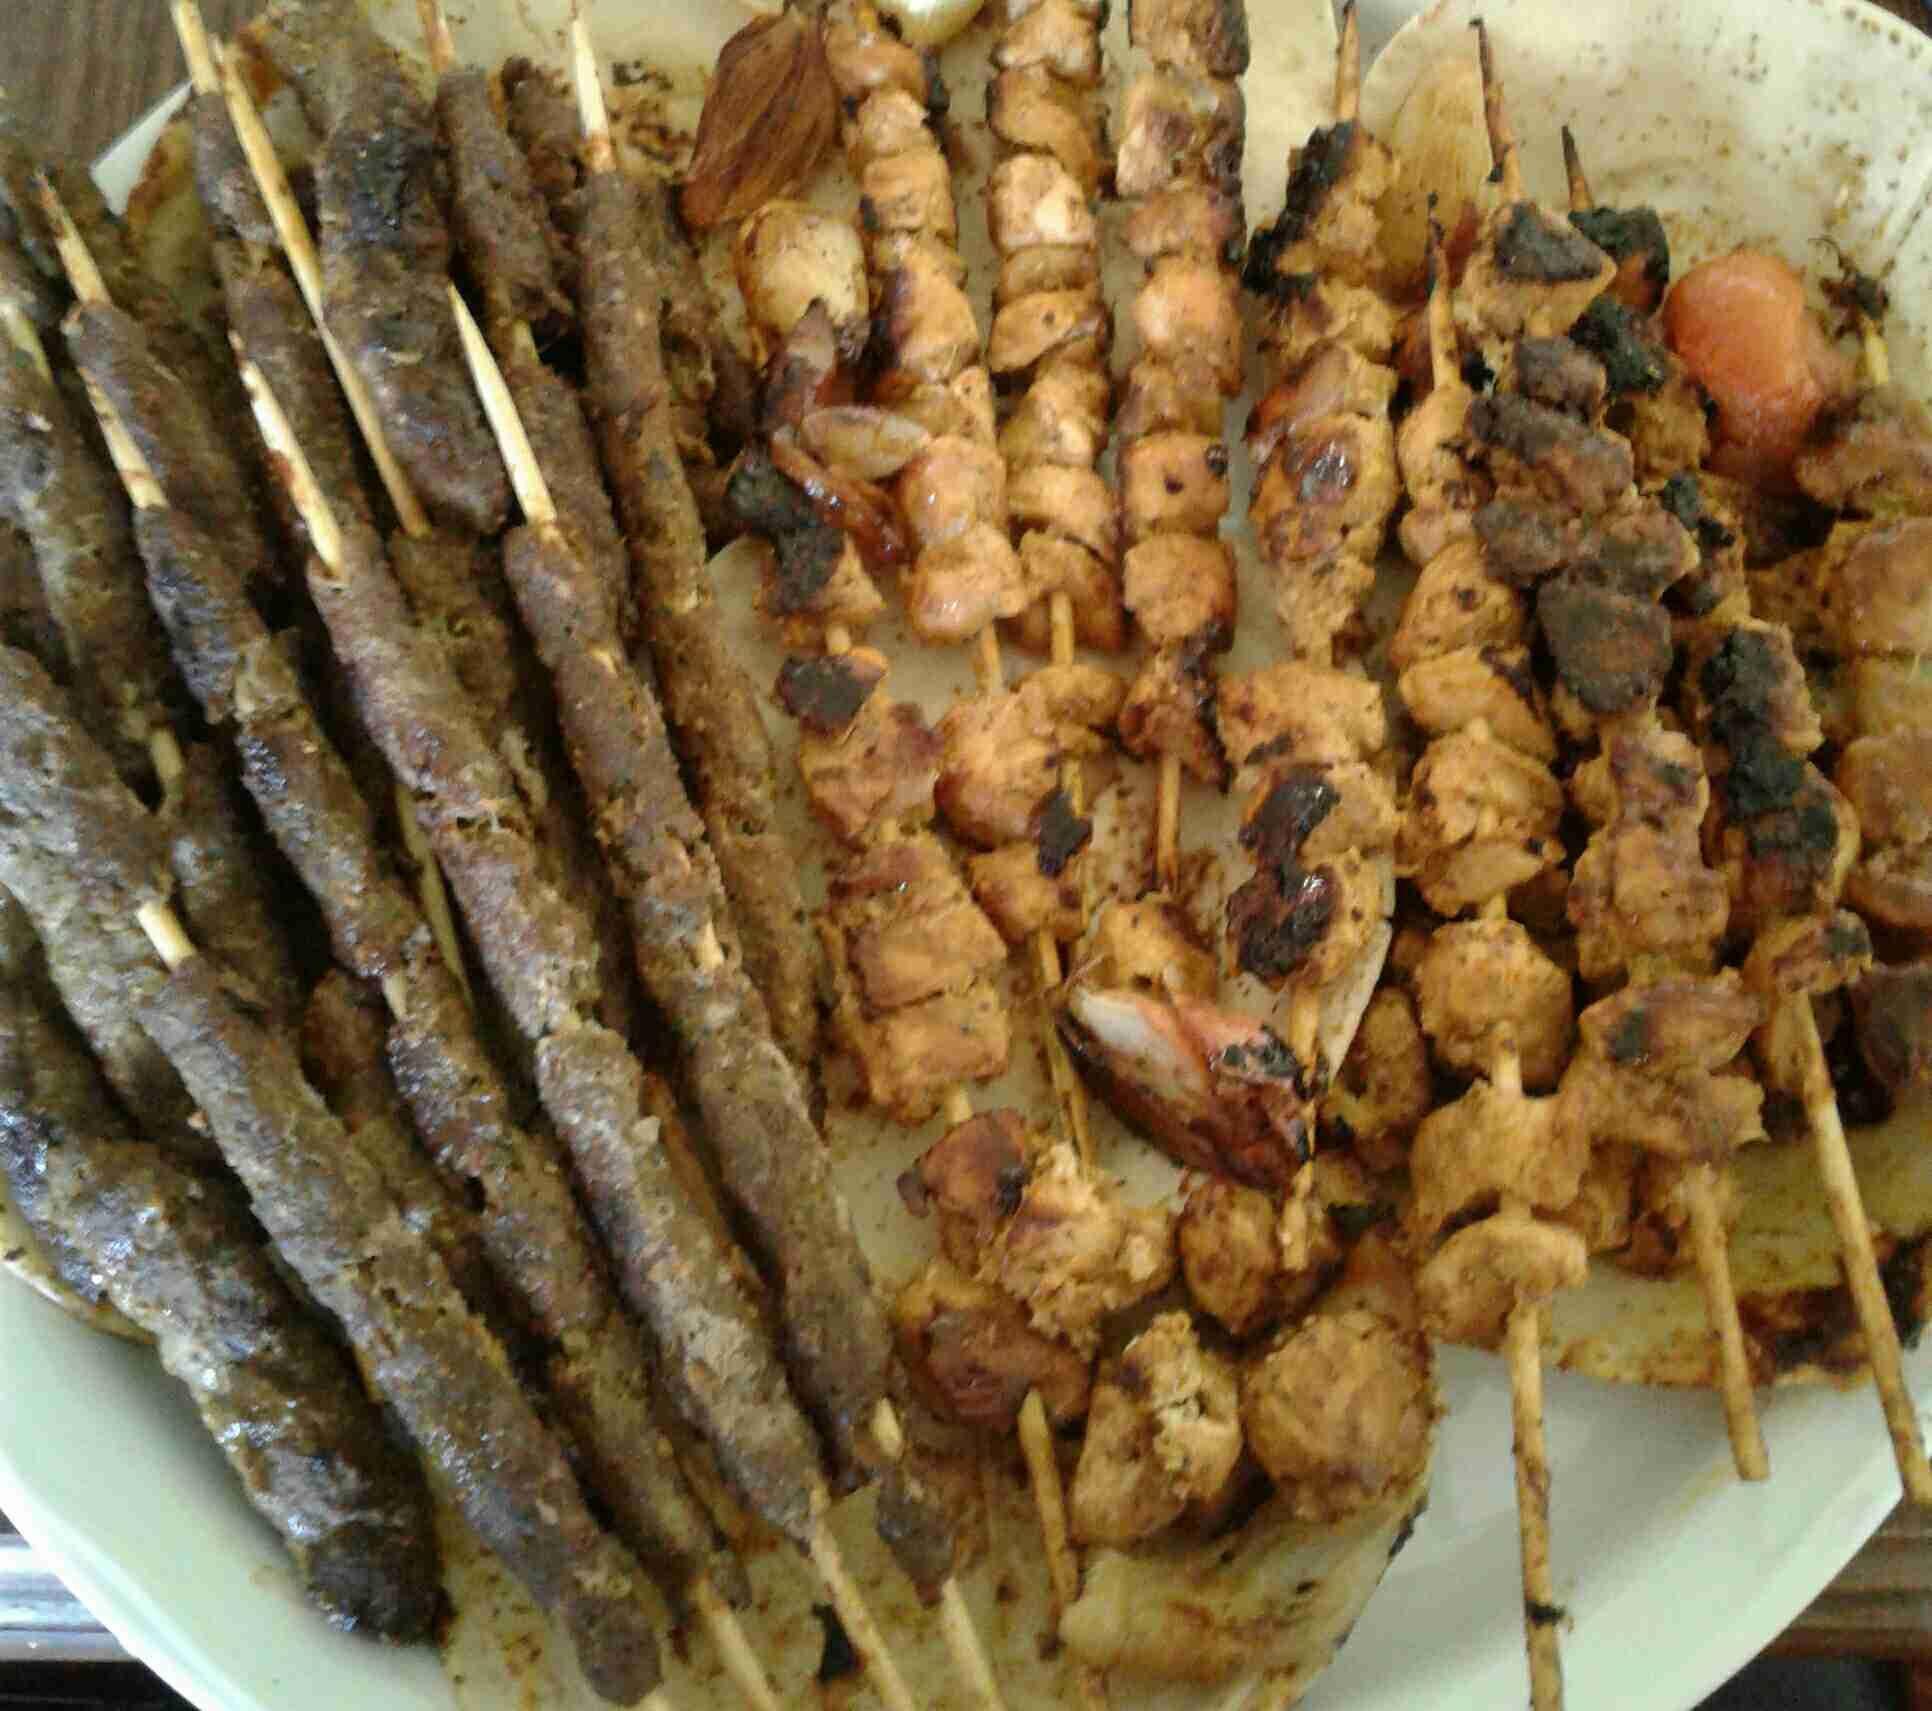 مشاوي كباب وشيش طاووق في البيت وأطيب من المطاعم دورة طبخ زاكي Recipe Main Dishes Food Dishes